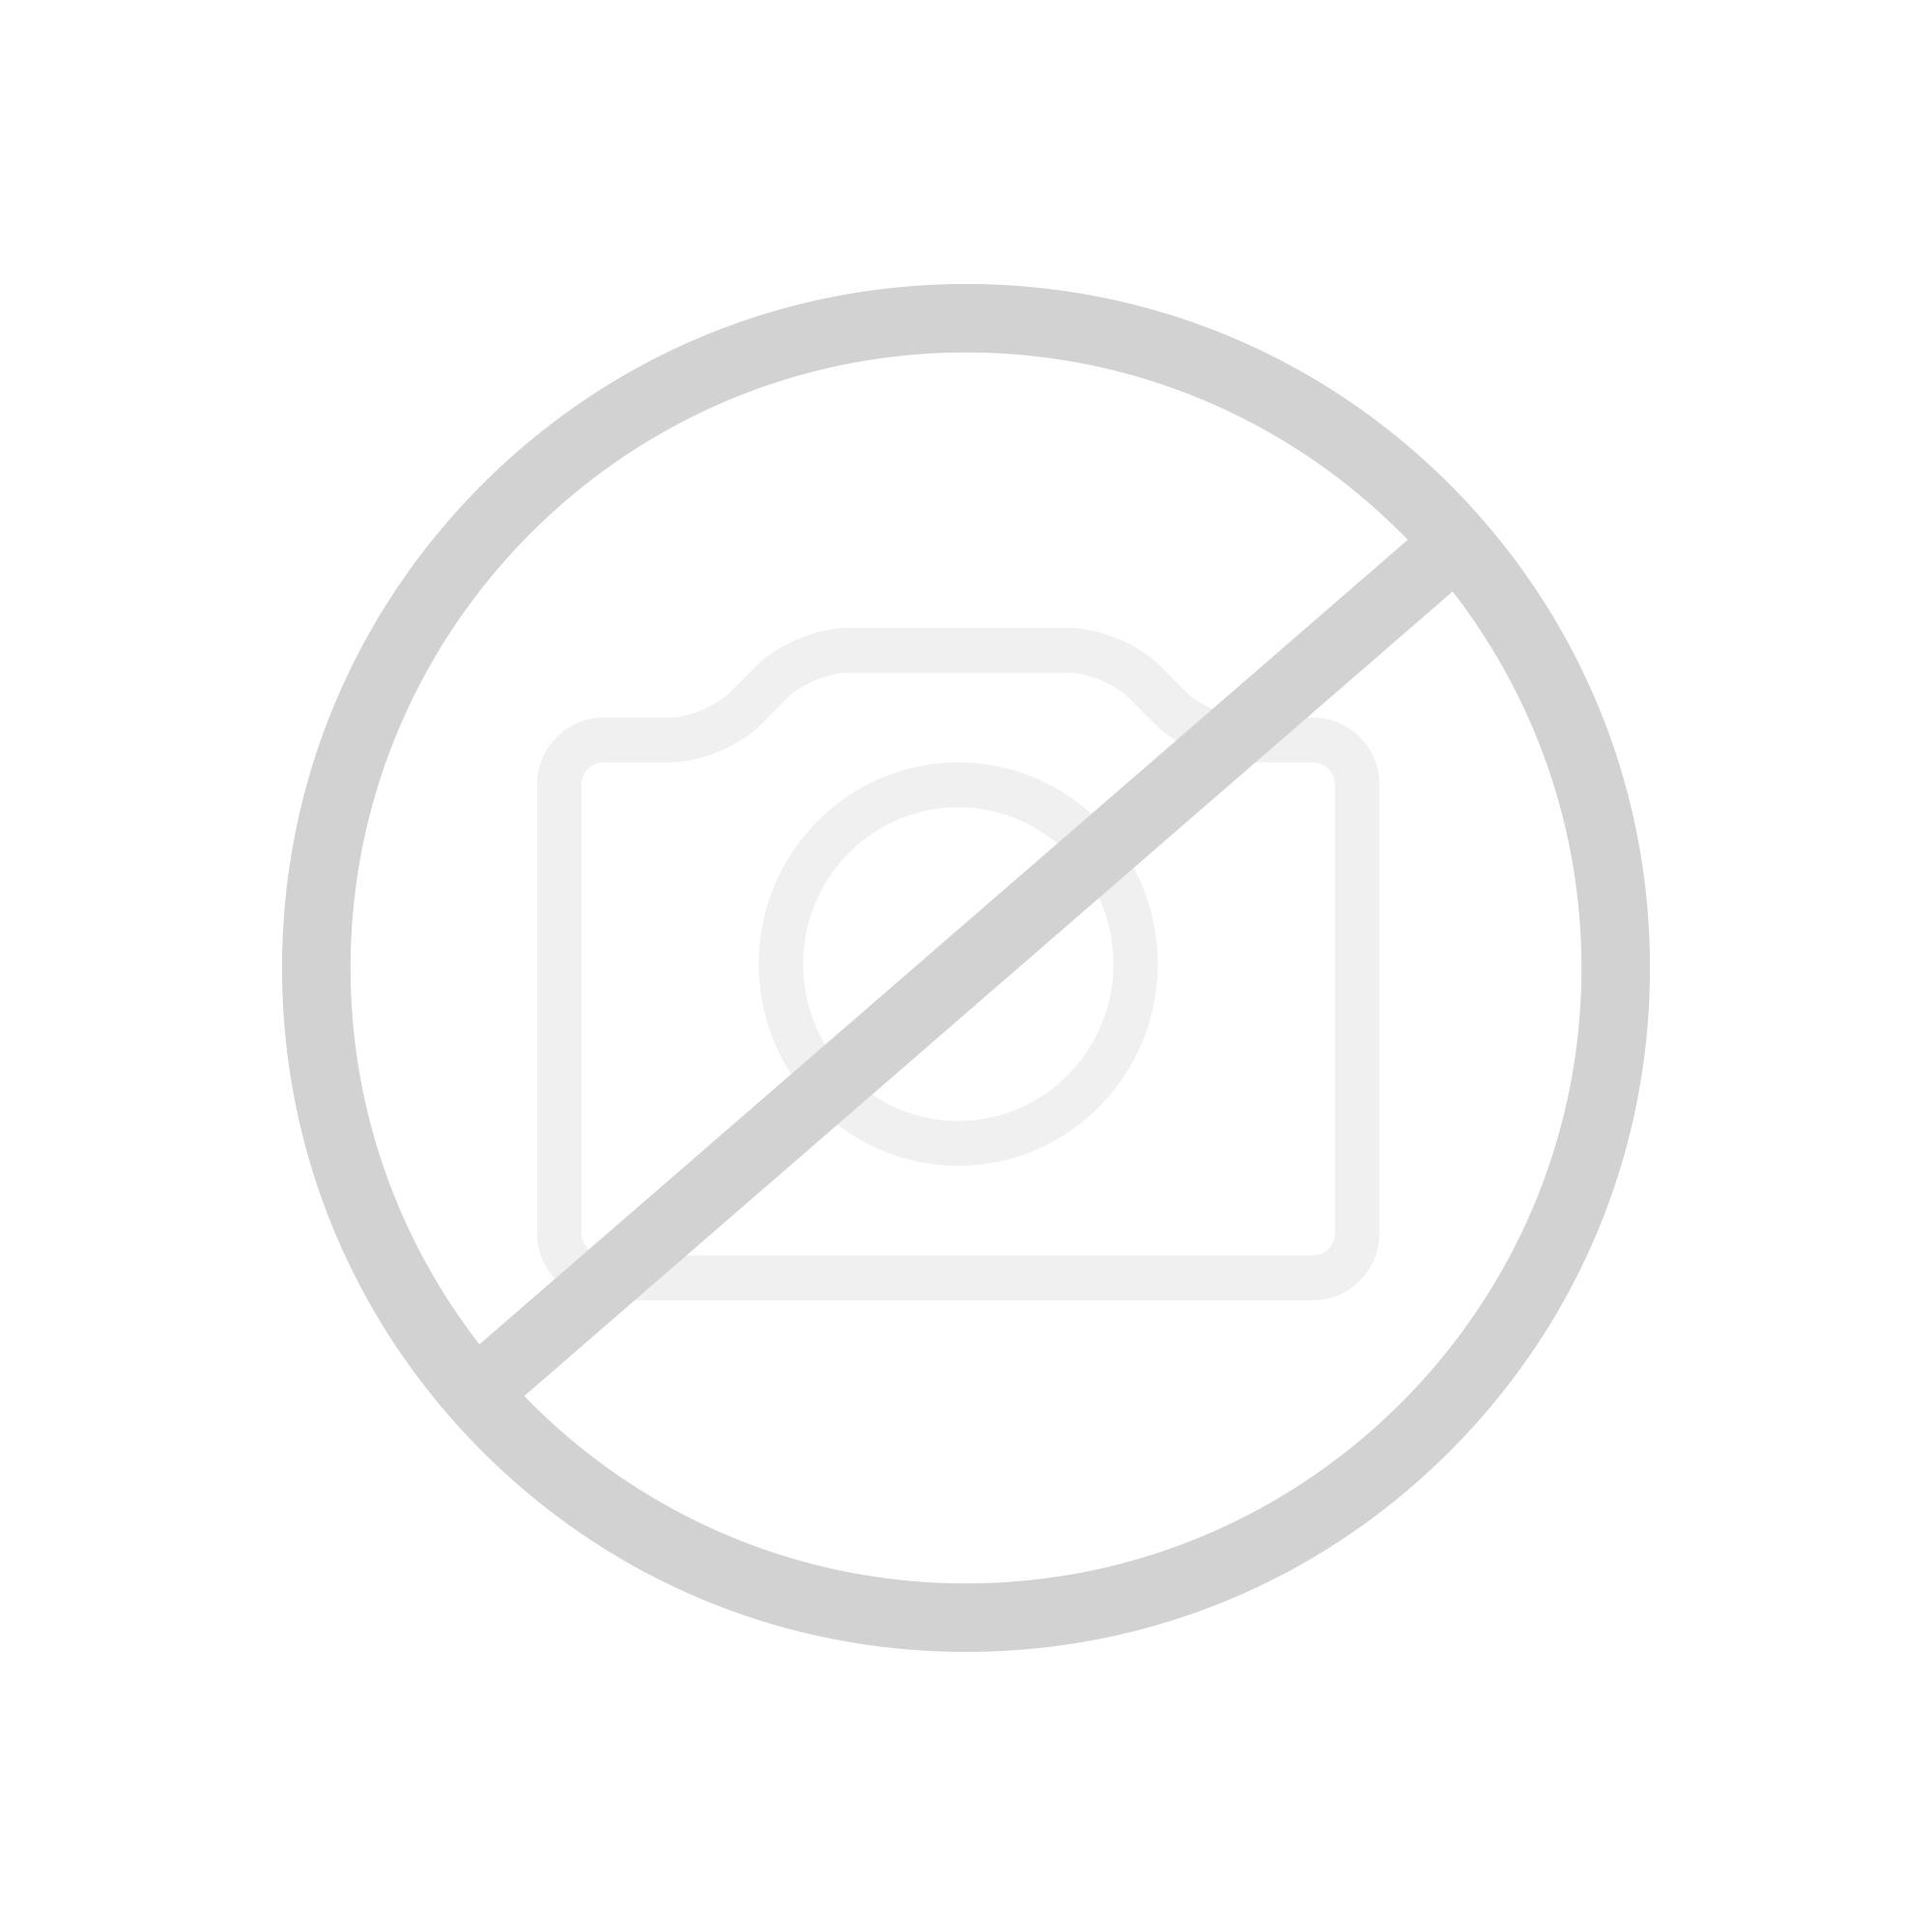 antoniolupi TAPE12 Ablage mit Halter für Becher oder Seifenspender